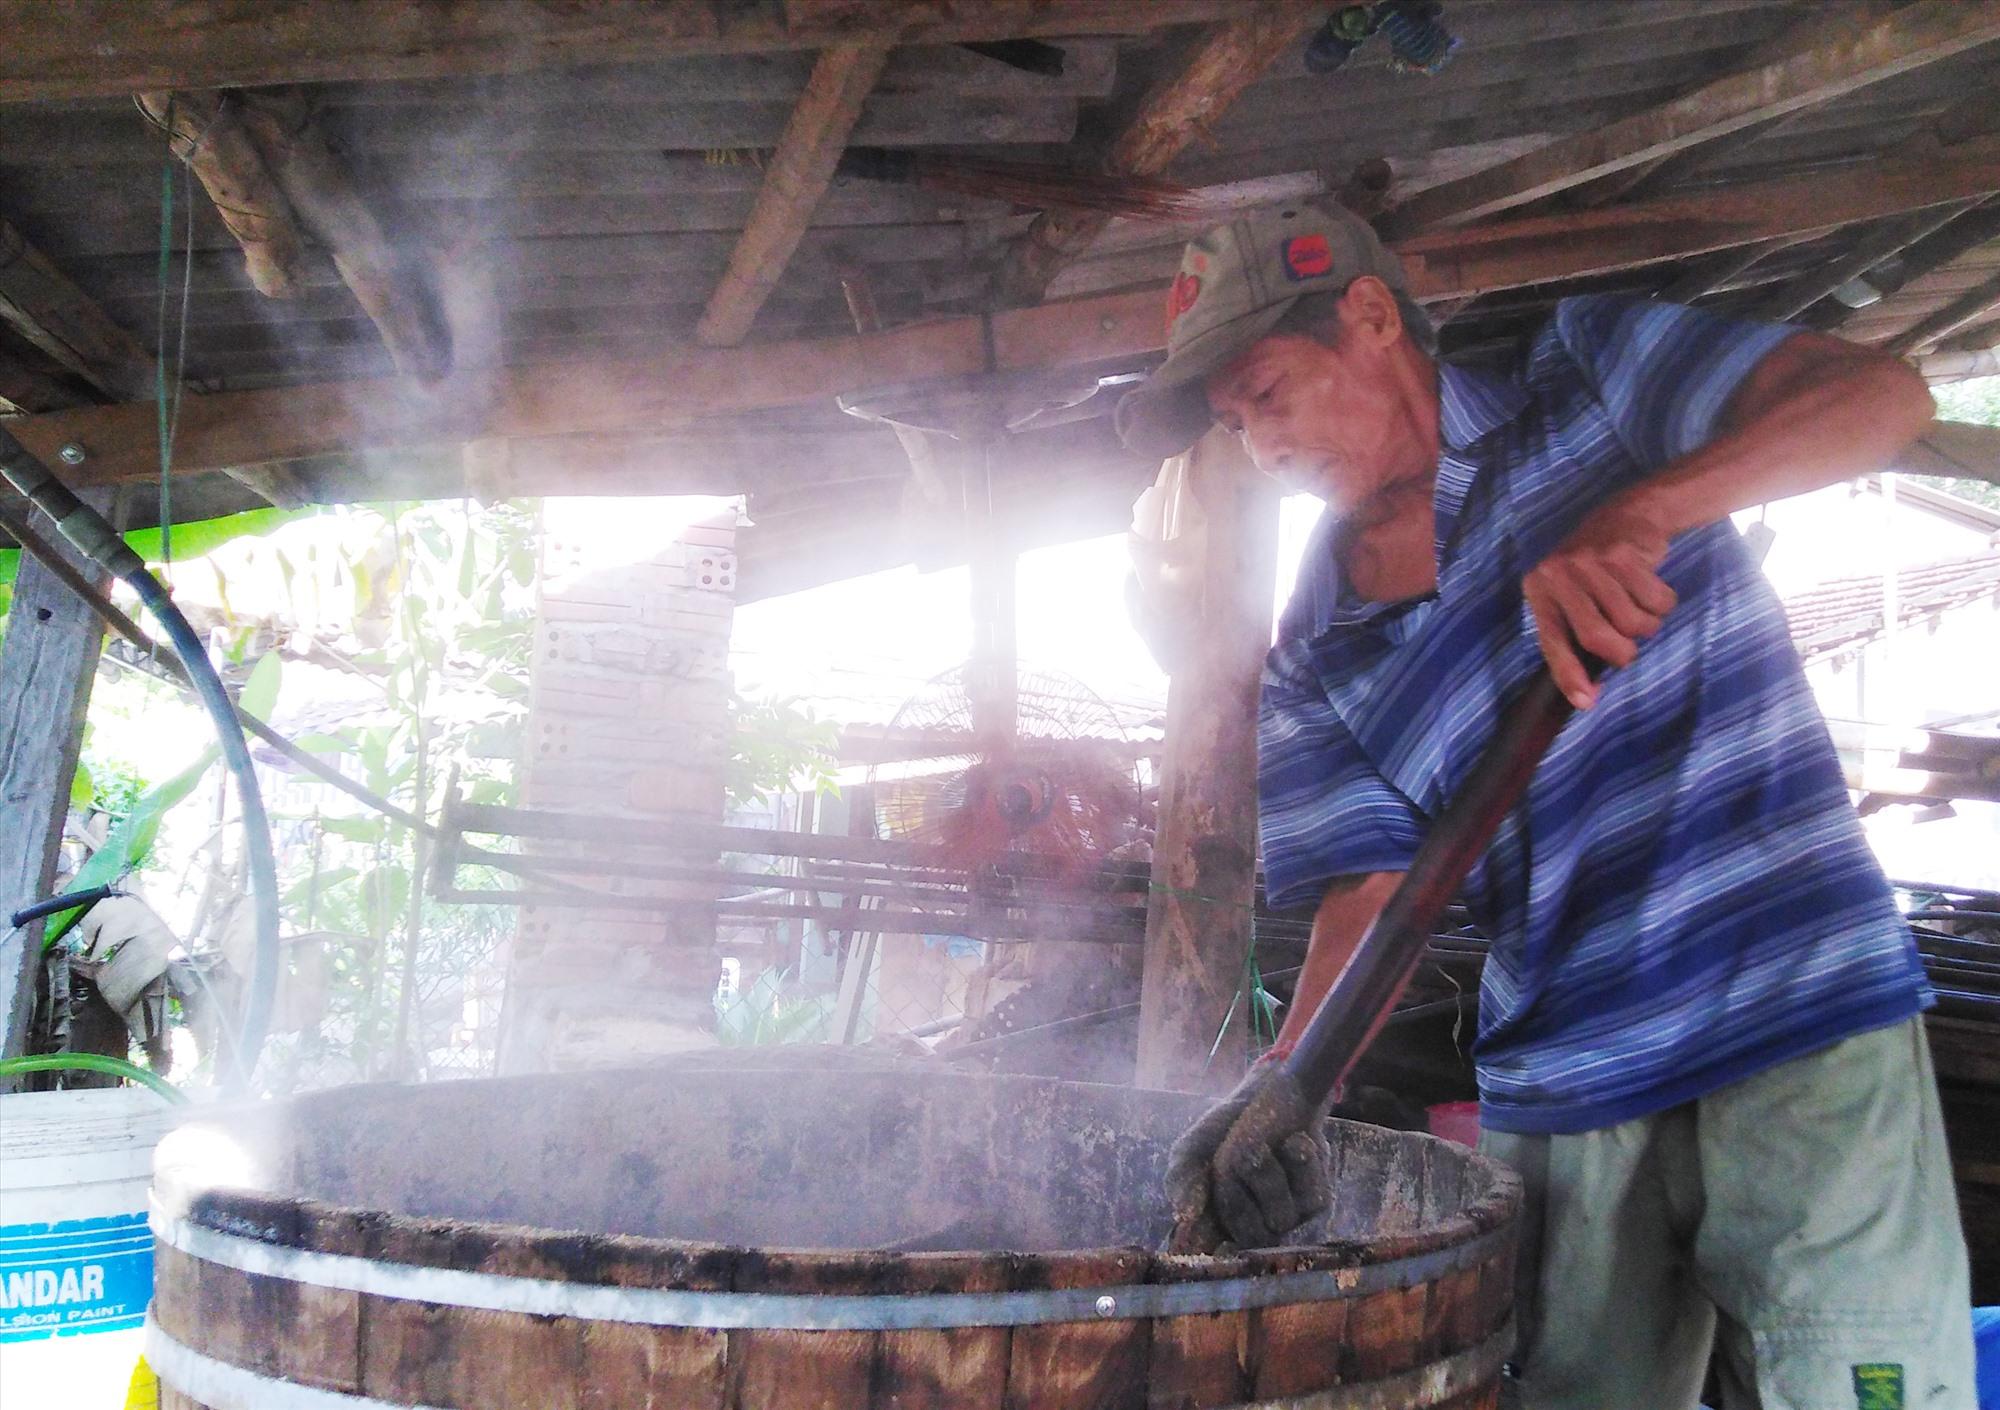 Khi bột đậu đã được hấp chín, ông Thành sẽ xới lên, cho vào khuôn ép lại thành bánh. Ảnh: TT